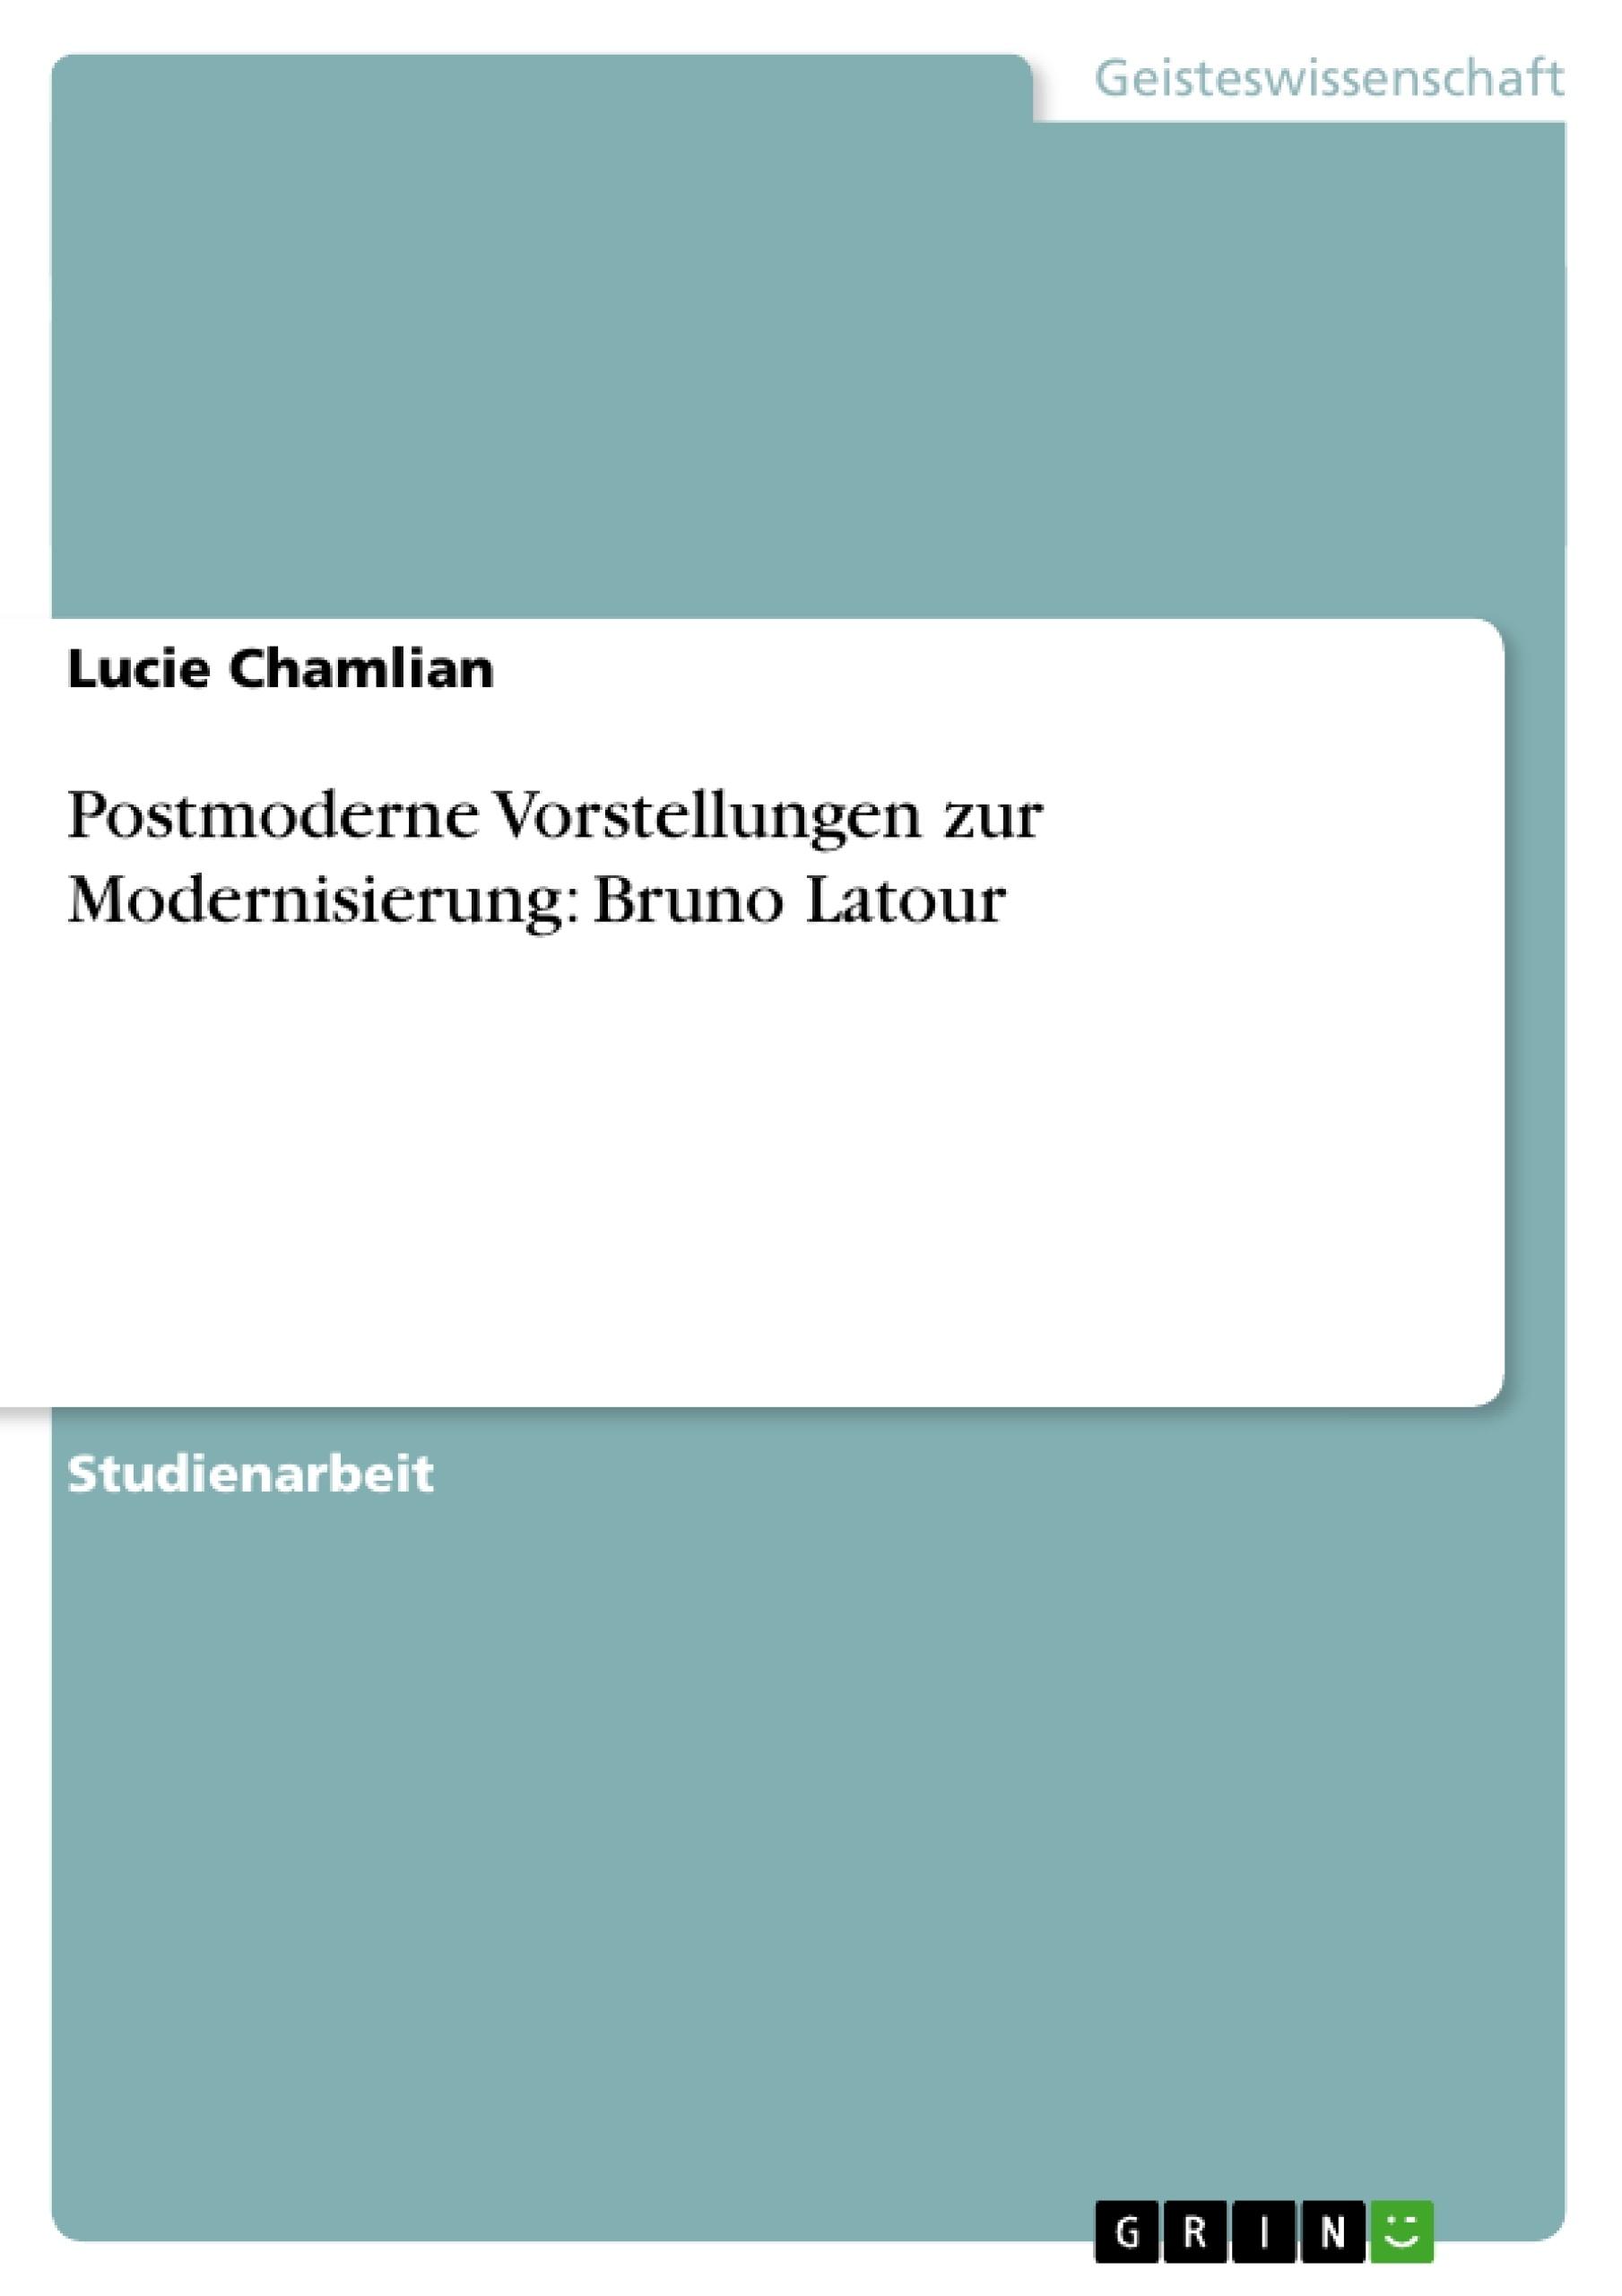 Titel: Postmoderne Vorstellungen zur Modernisierung: Bruno Latour